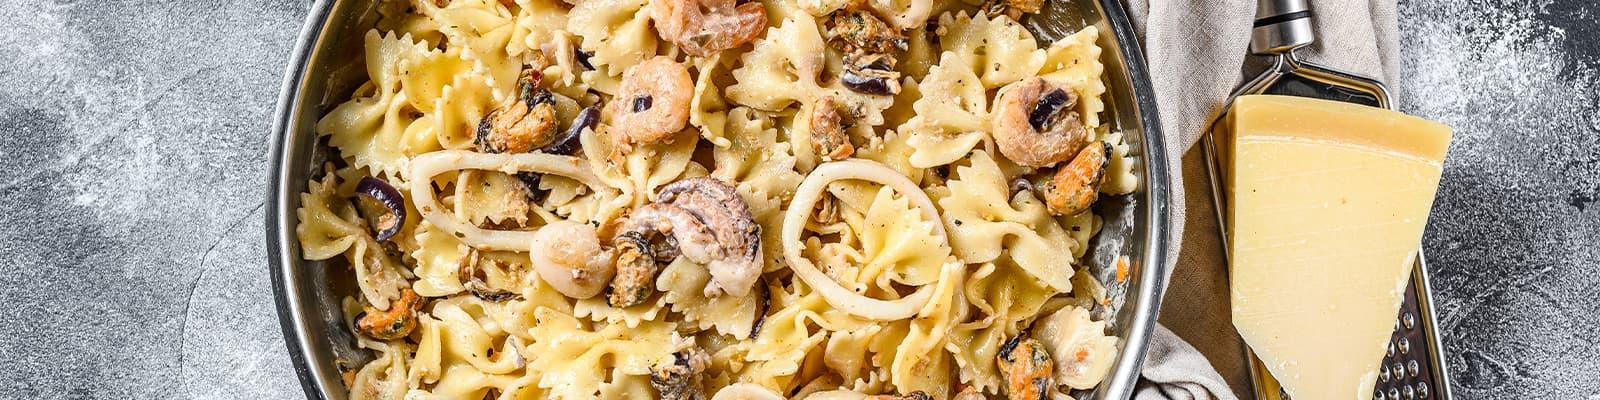 Pasta Garofalo - Farfalle con pulpo, mejillones y gambas